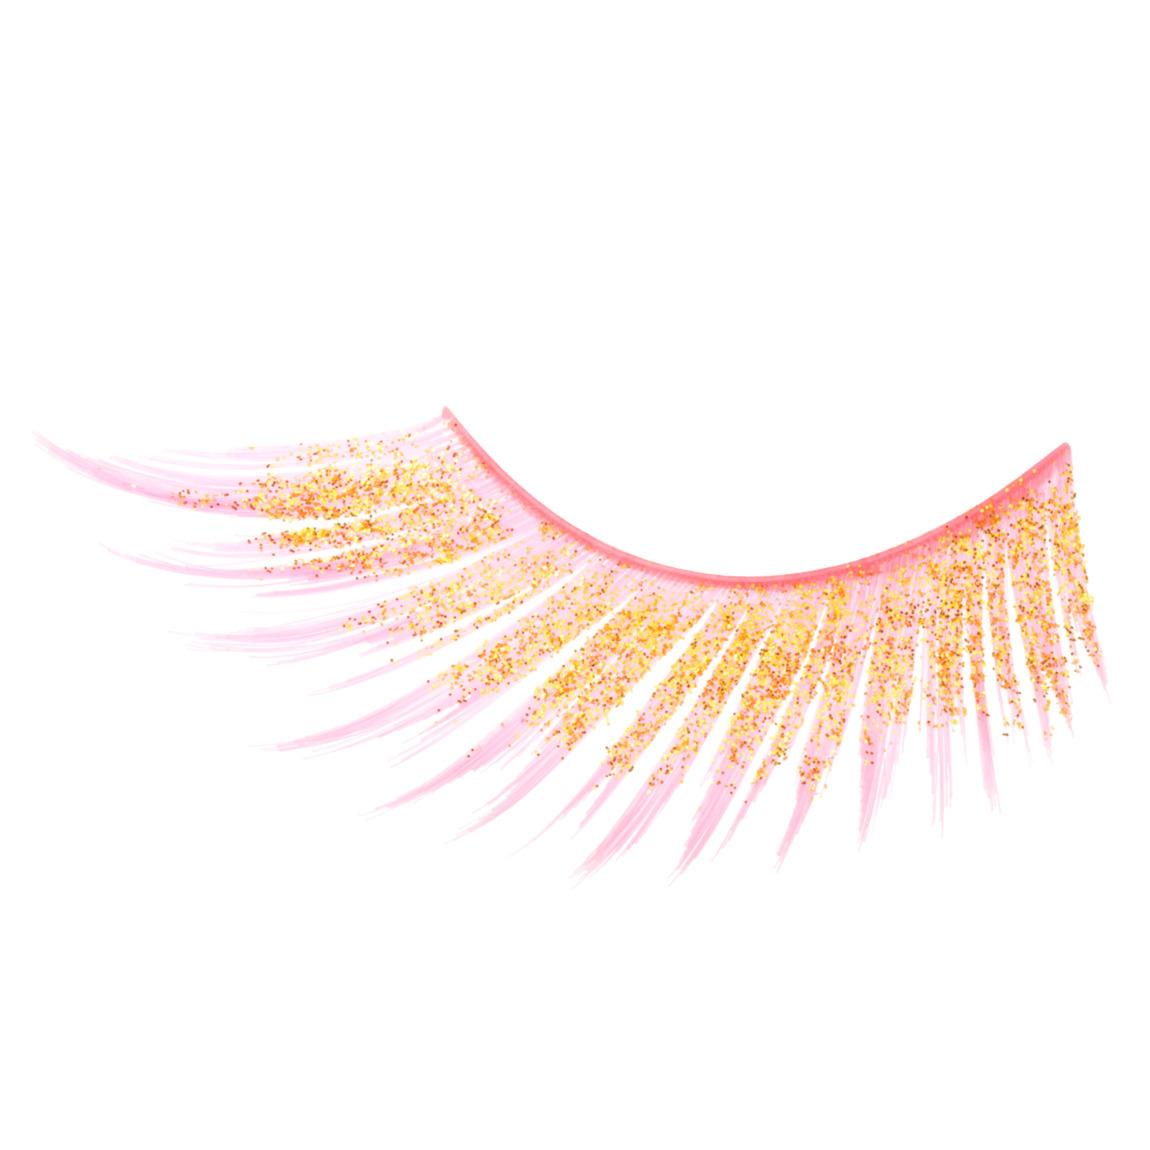 Inglot Cosmetics Eyelashes 35S product swatch.